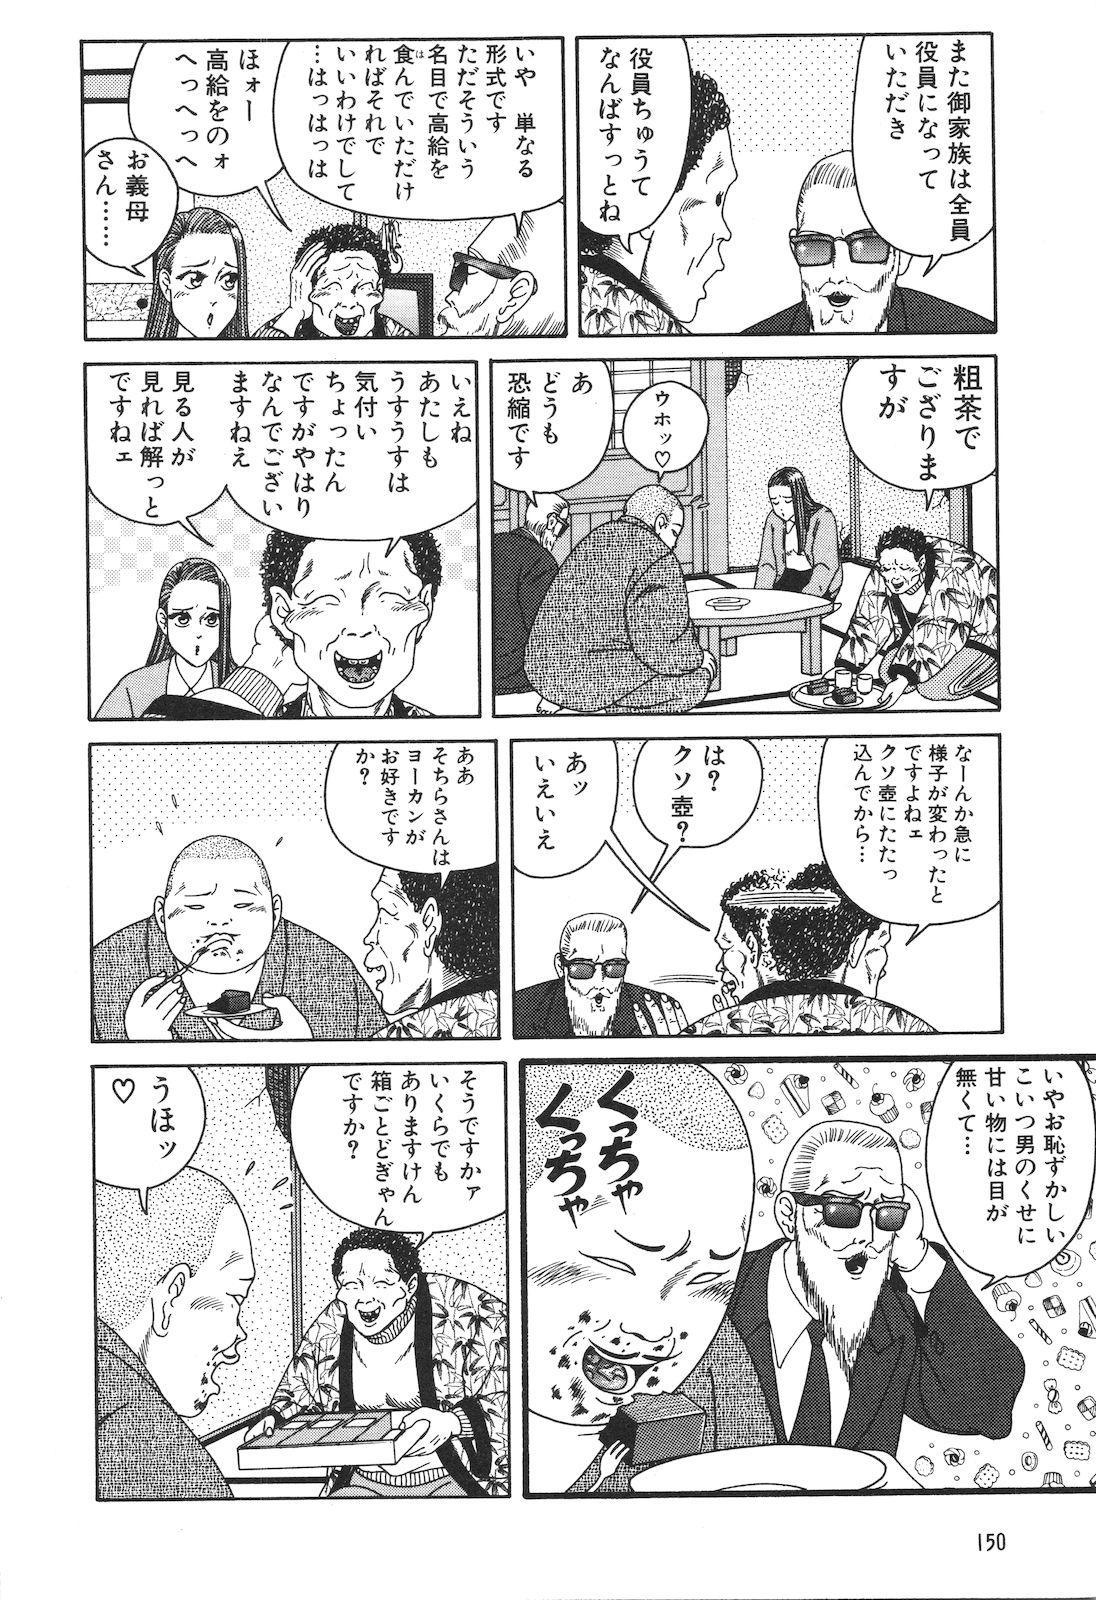 Dobusarai Gekijou 151